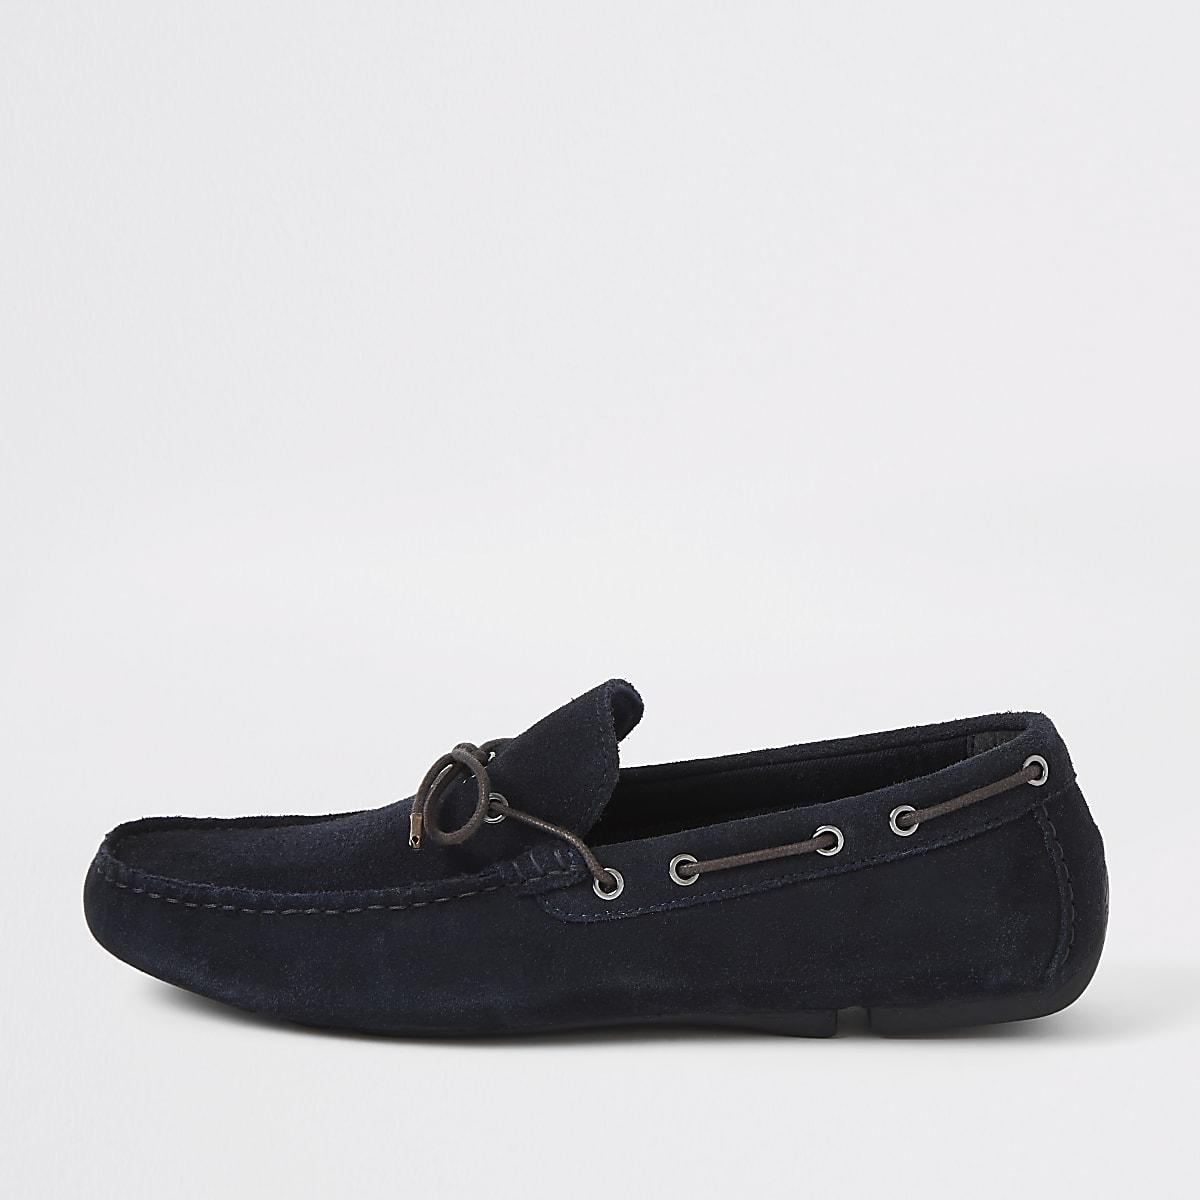 Marineblauwe suède chauffeursschoenen met wijde pasvorm